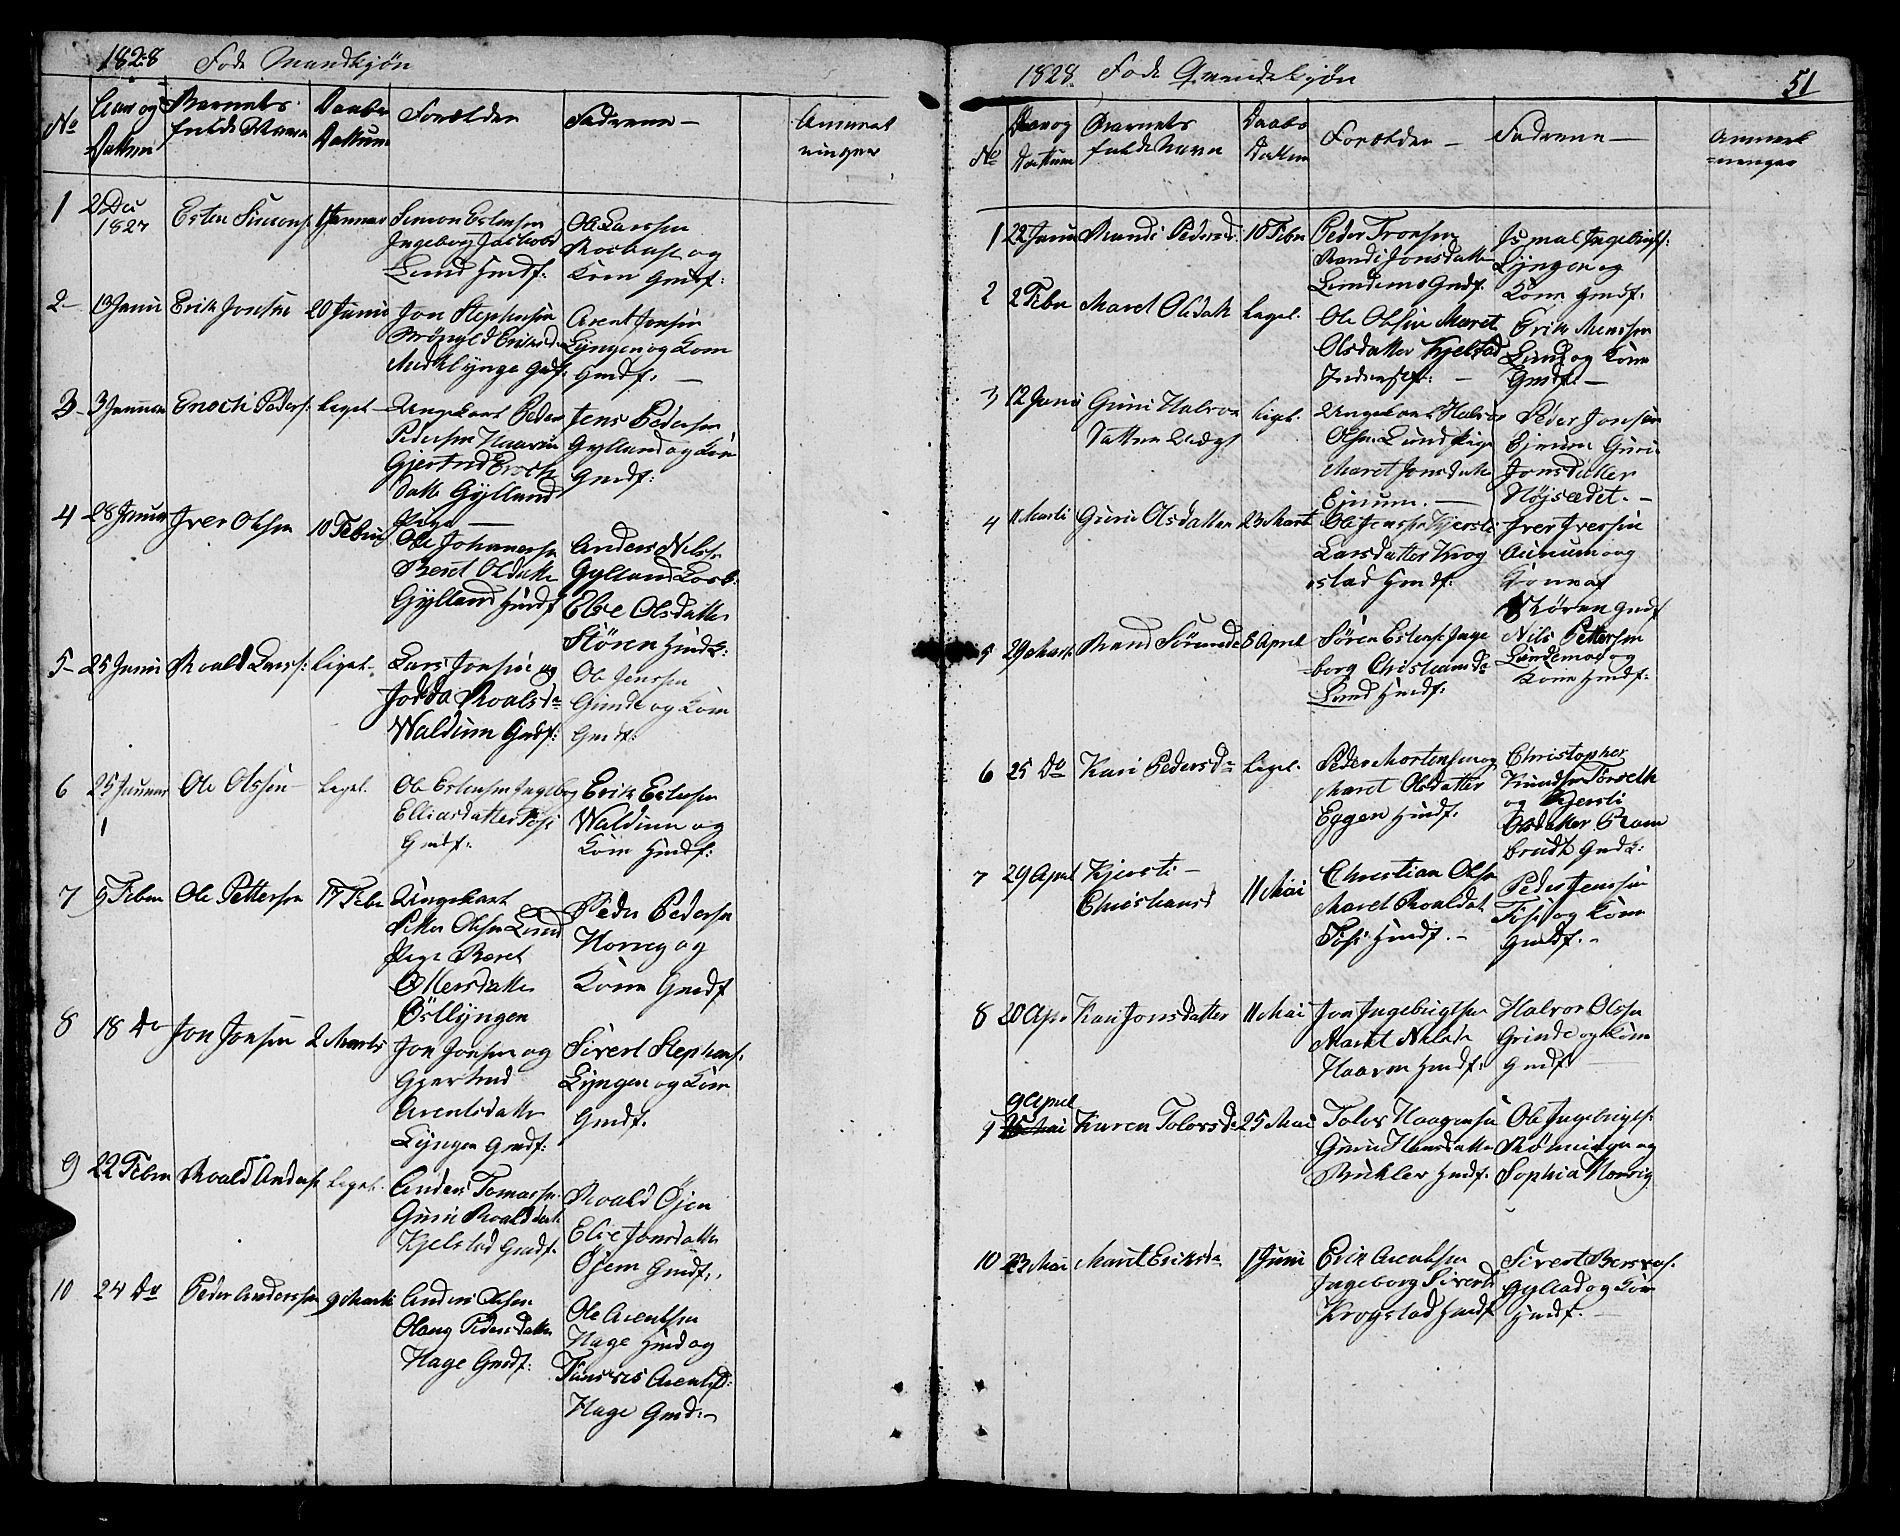 SAT, Ministerialprotokoller, klokkerbøker og fødselsregistre - Sør-Trøndelag, 692/L1108: Klokkerbok nr. 692C03, 1816-1833, s. 51